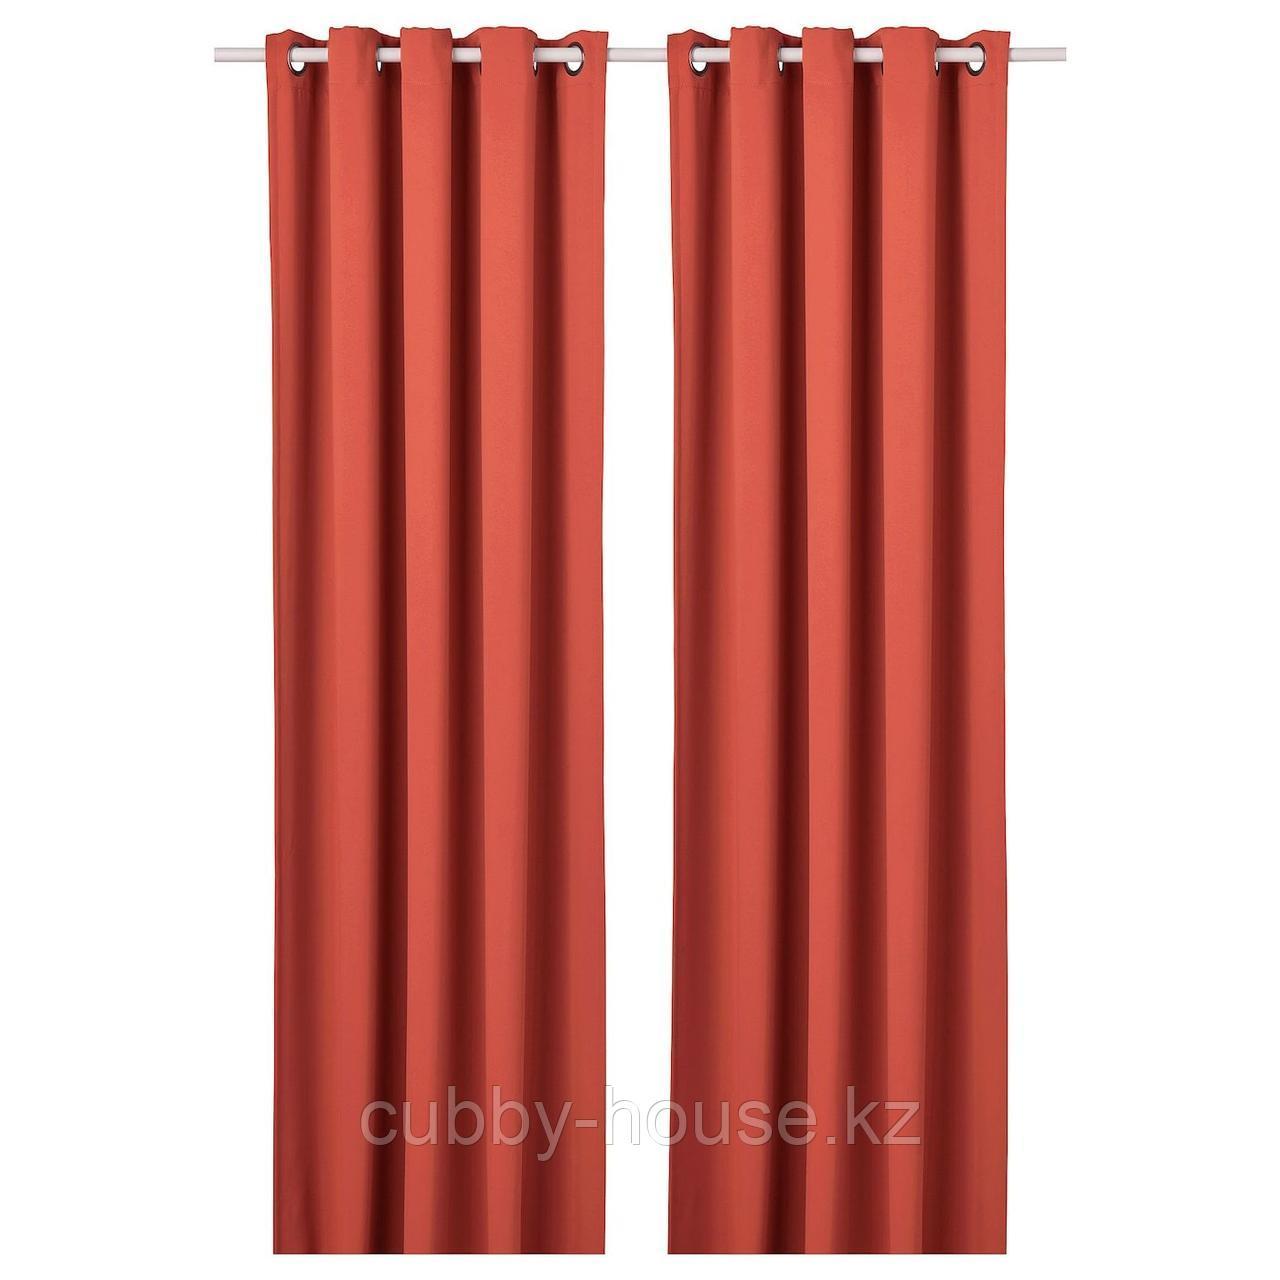 ХИЛЛЕБОРГ Затемняющие гардины, 1 пара, коричнево-красный, 145x300 см